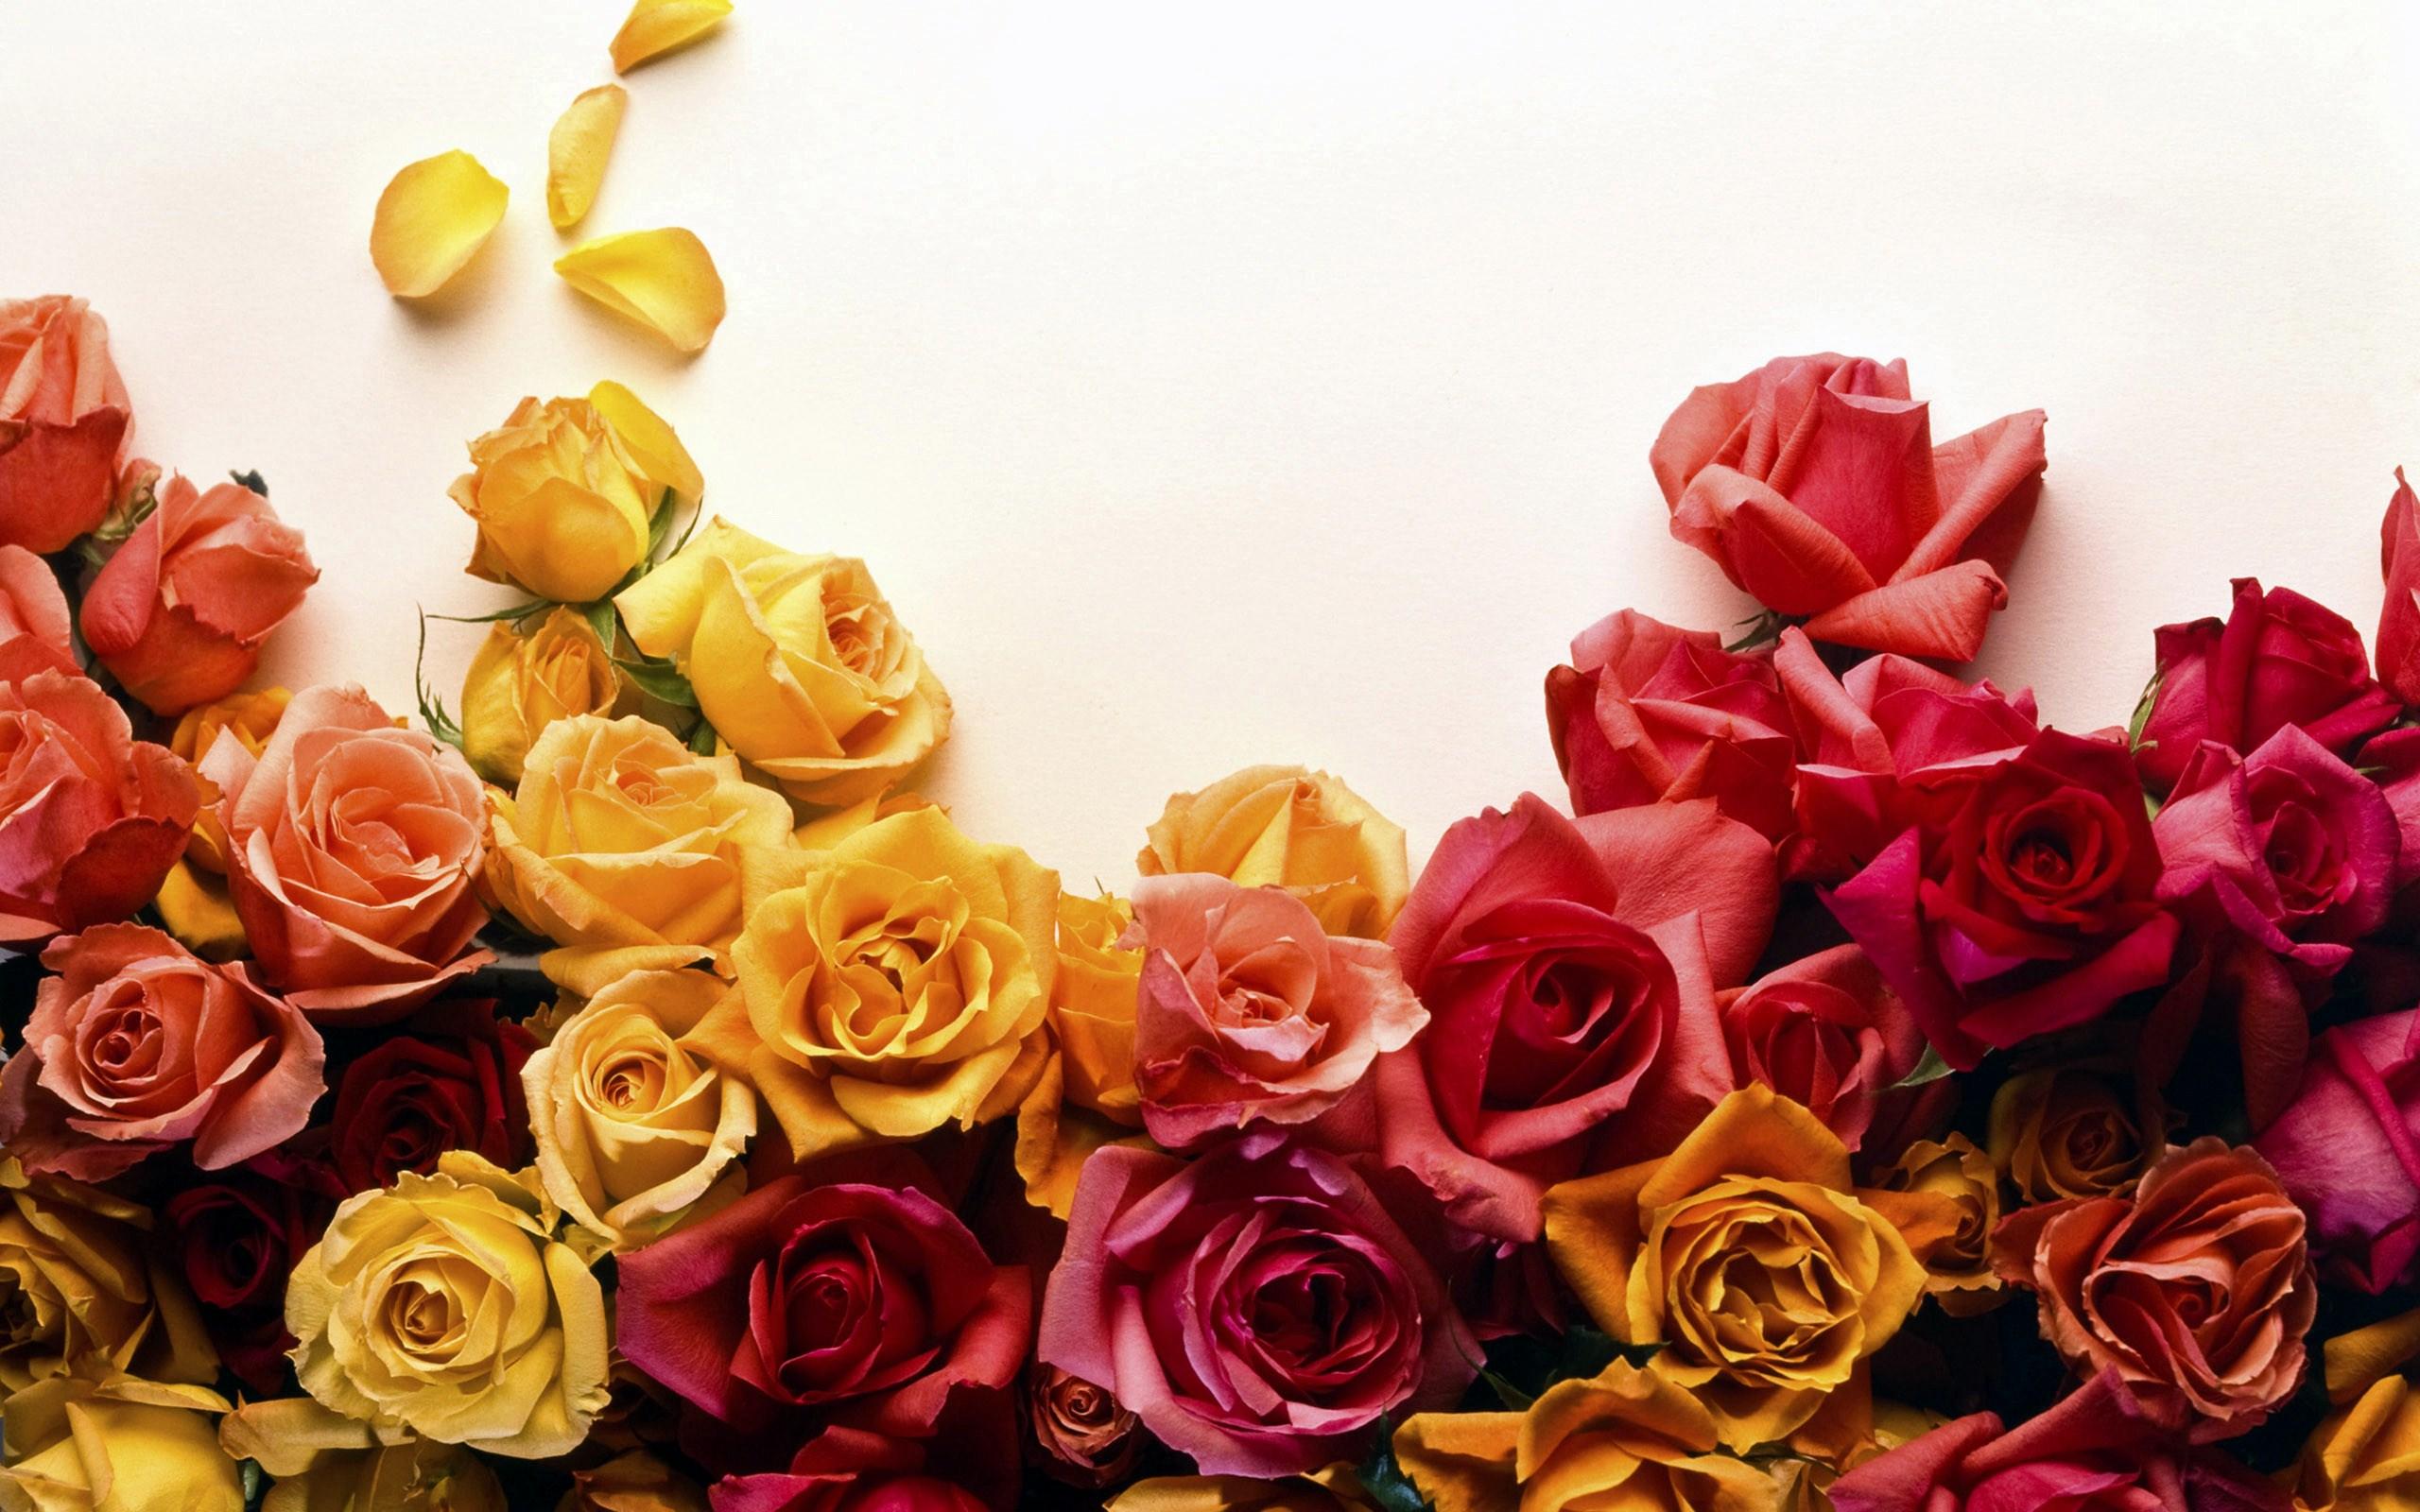 Телефон самсунг, красивые картинки для поздравлений цветы